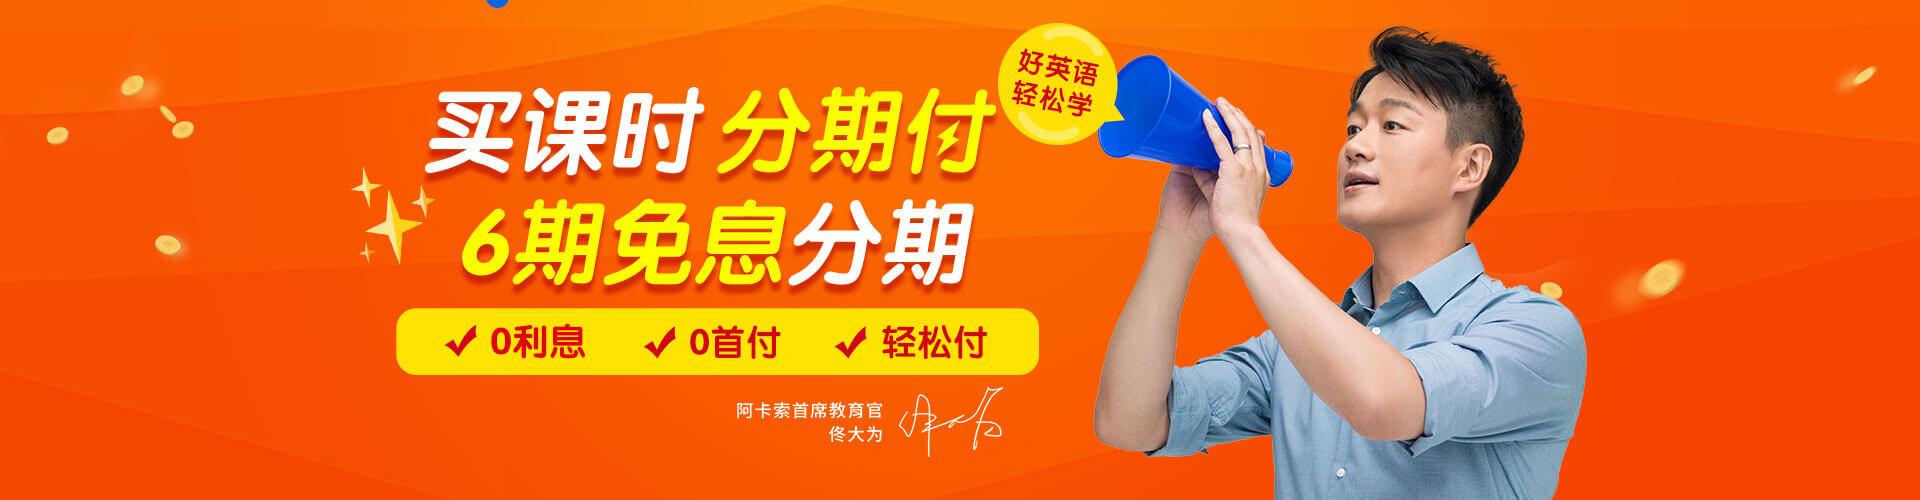 深圳罗湖区阿卡索英语培训机构